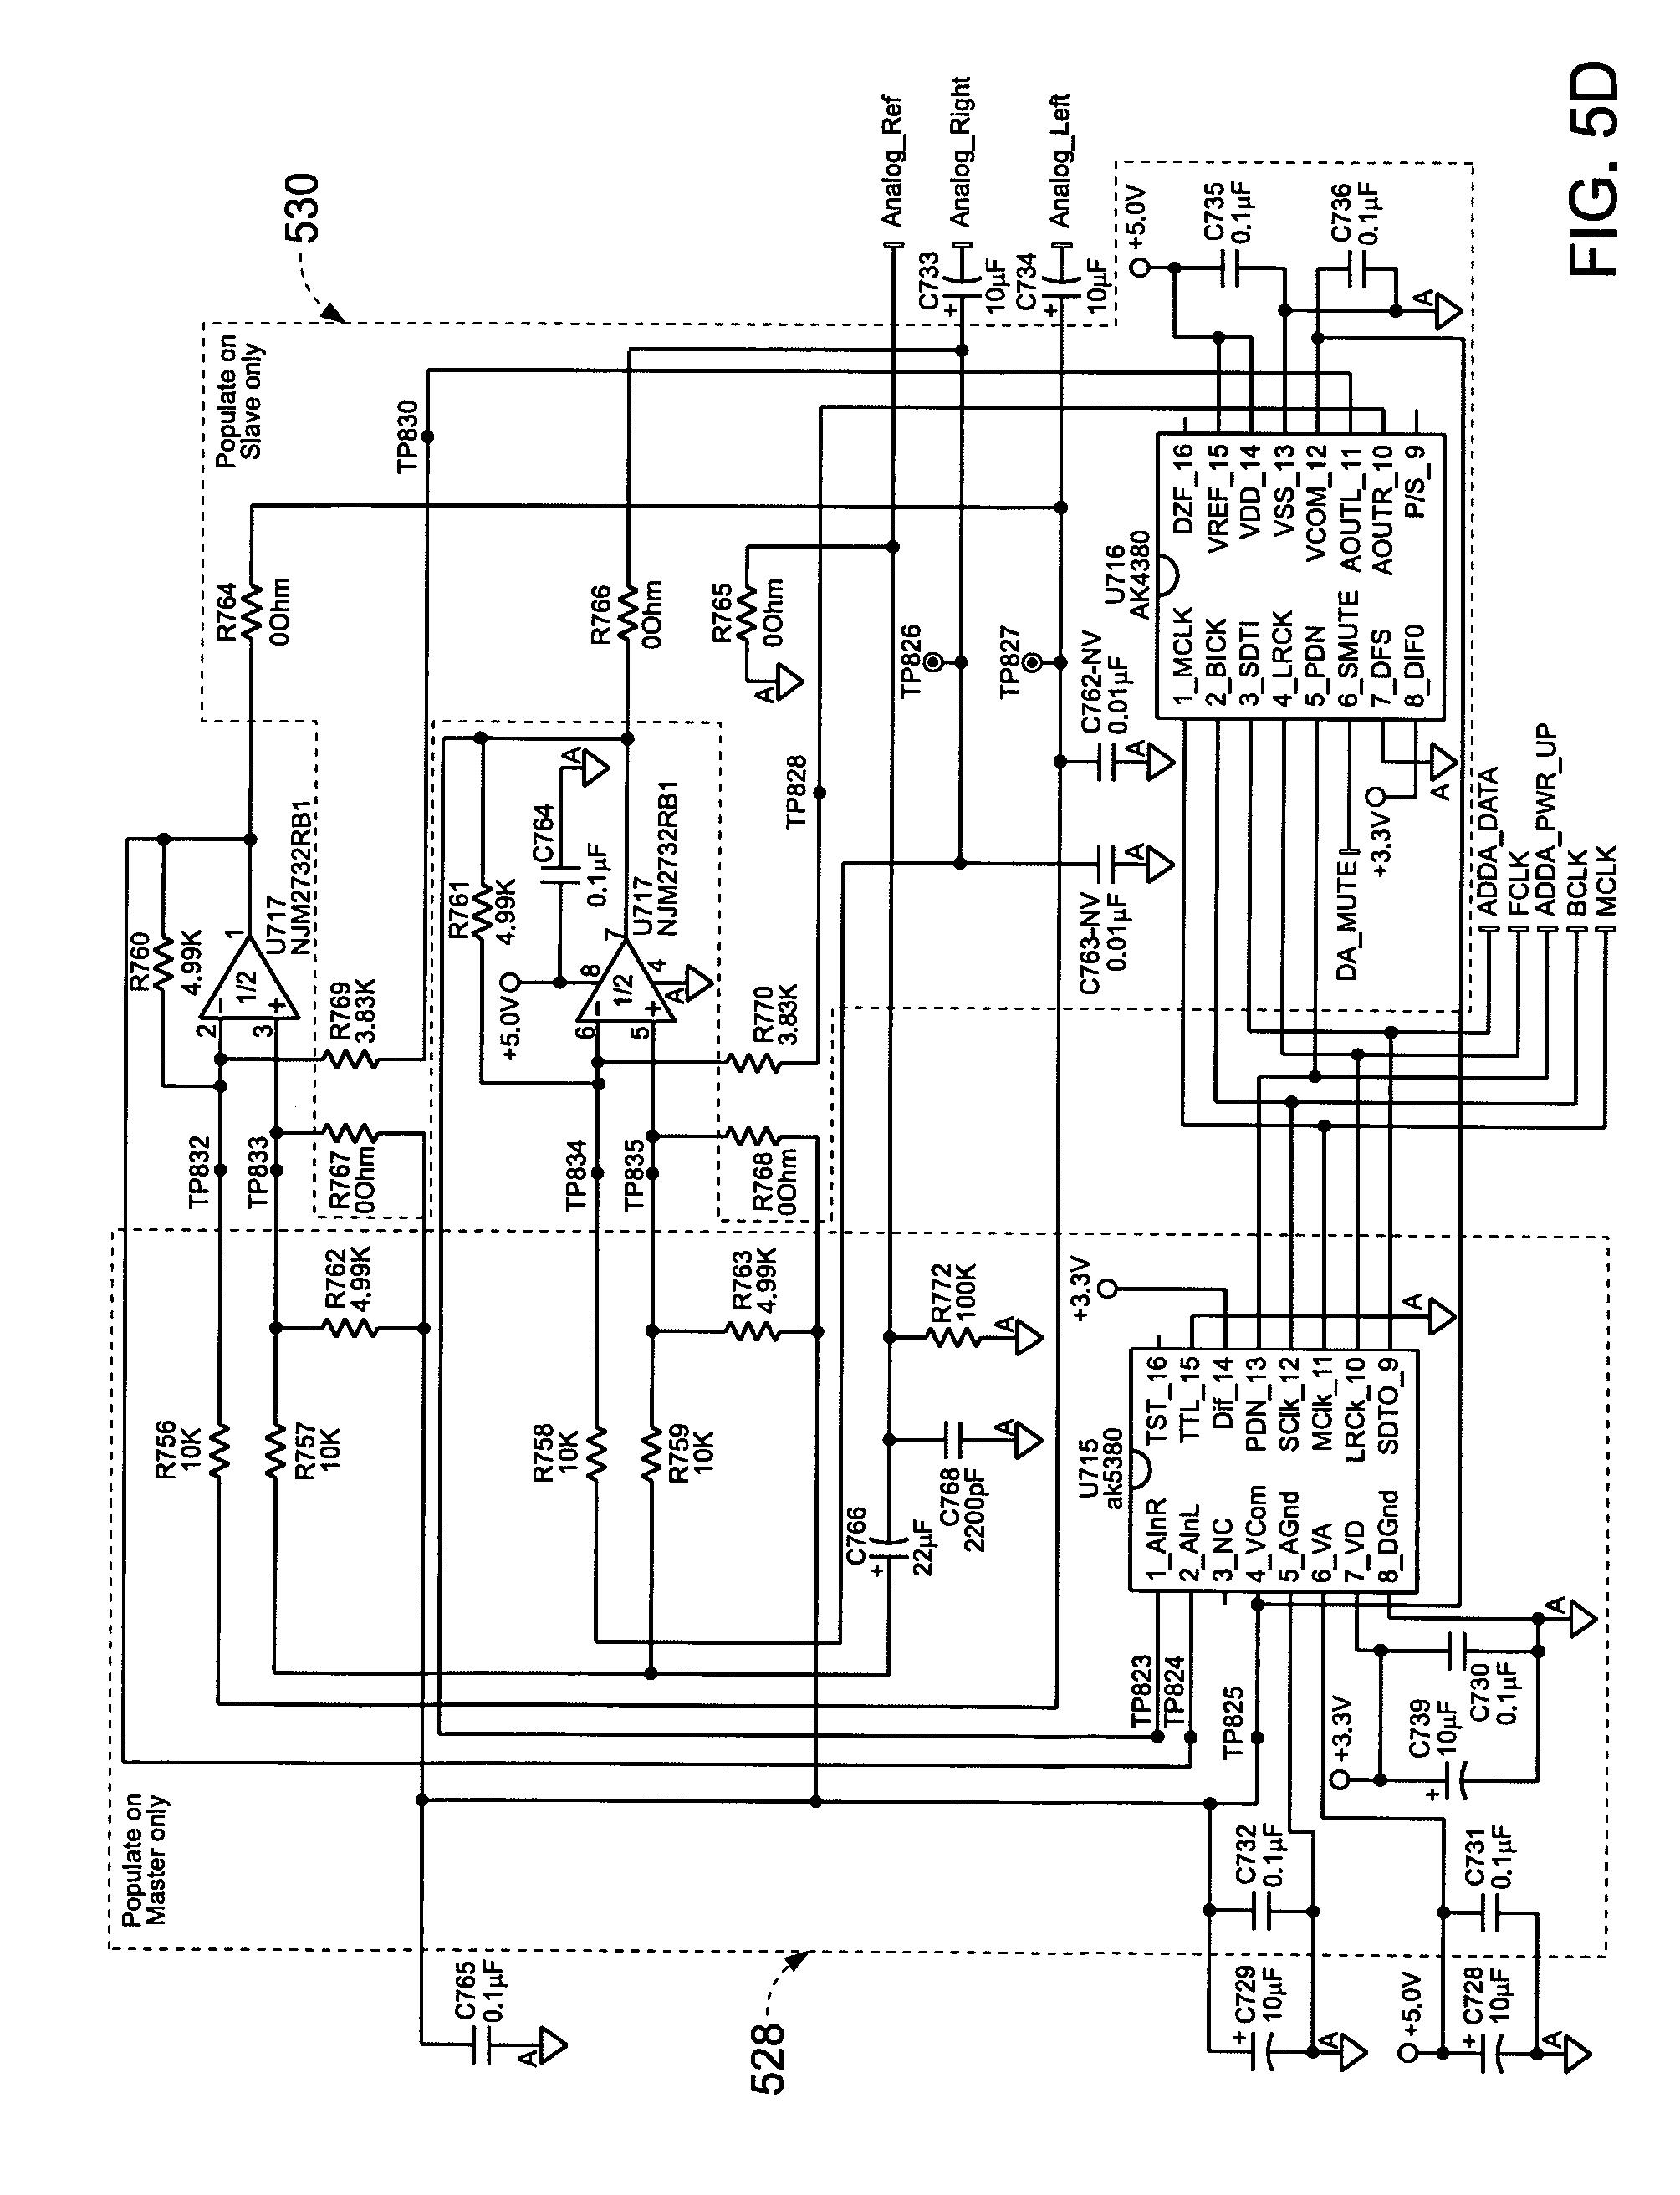 Patent Us8442019